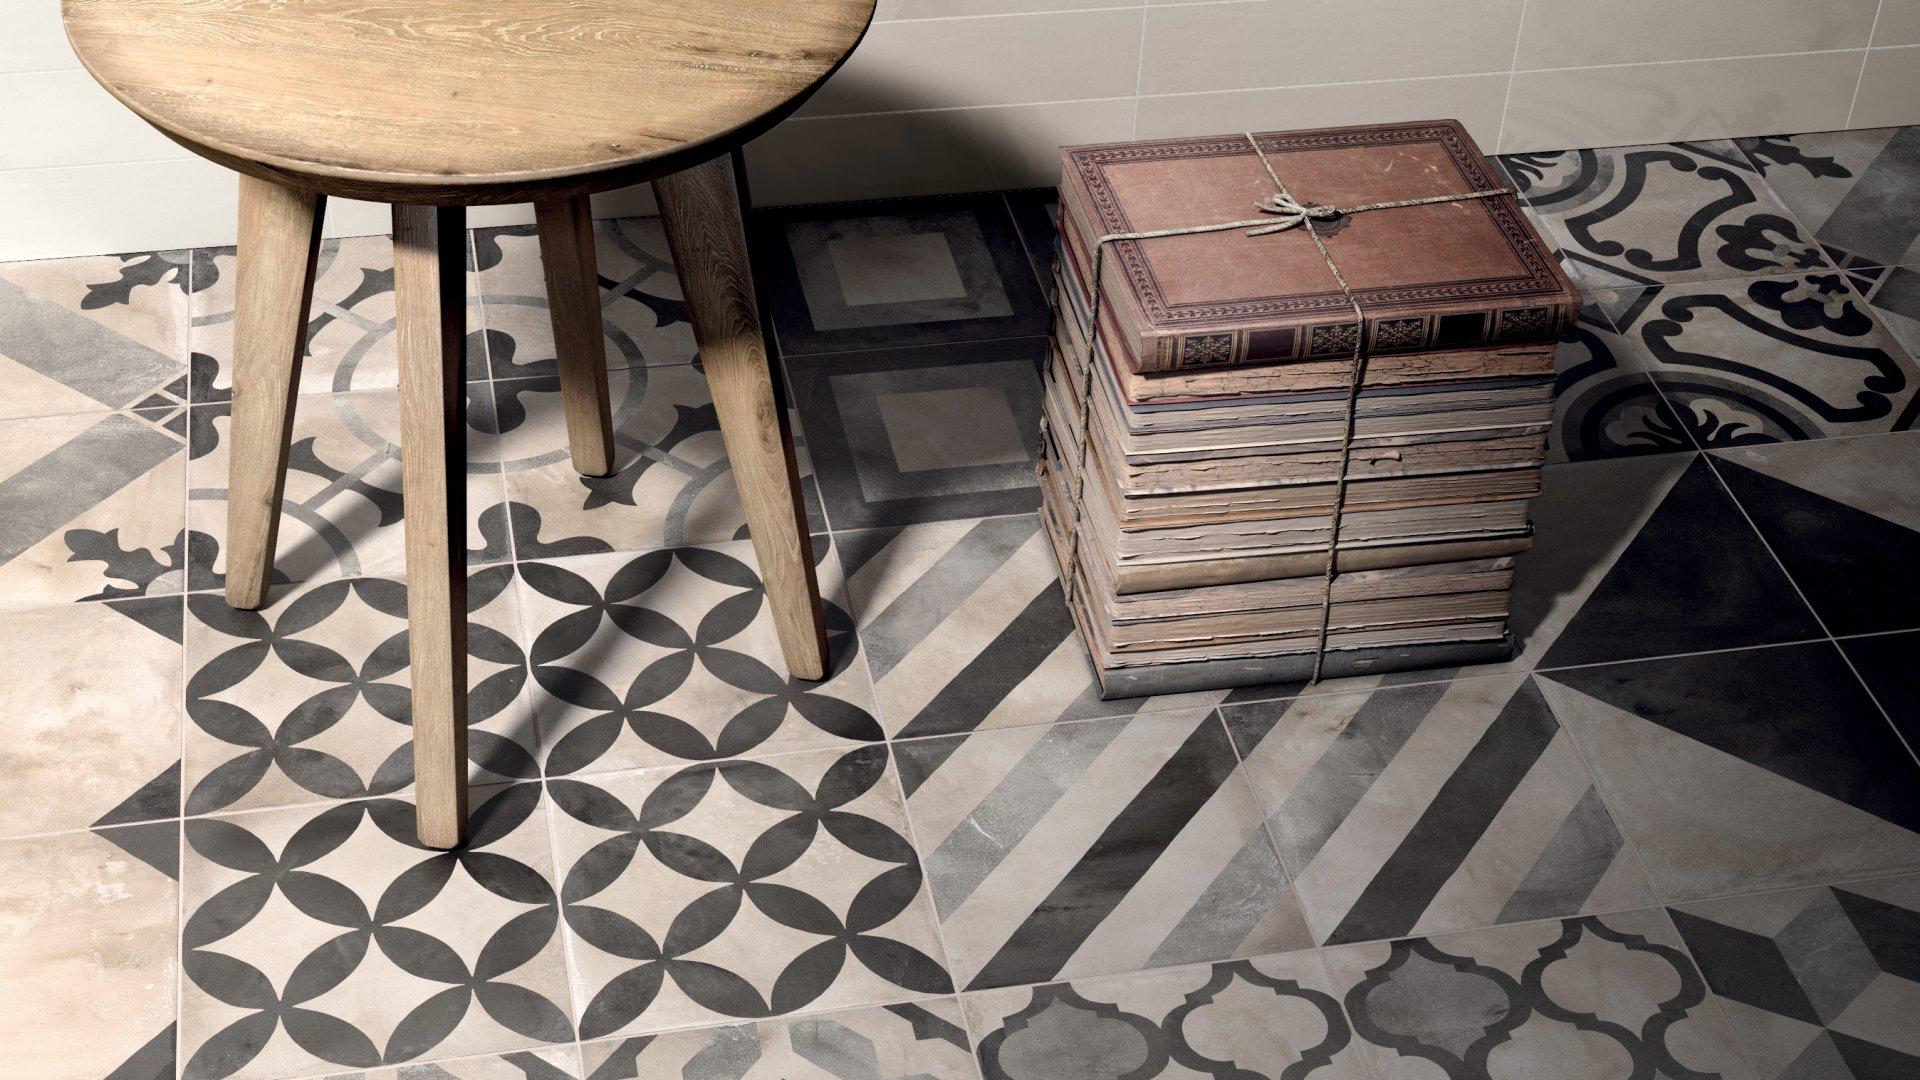 10 коллекций итальянской плитки, которые не оставят вас равнодушными | Блог Варвары Лялягиной «Дом, в который хочется приходить»